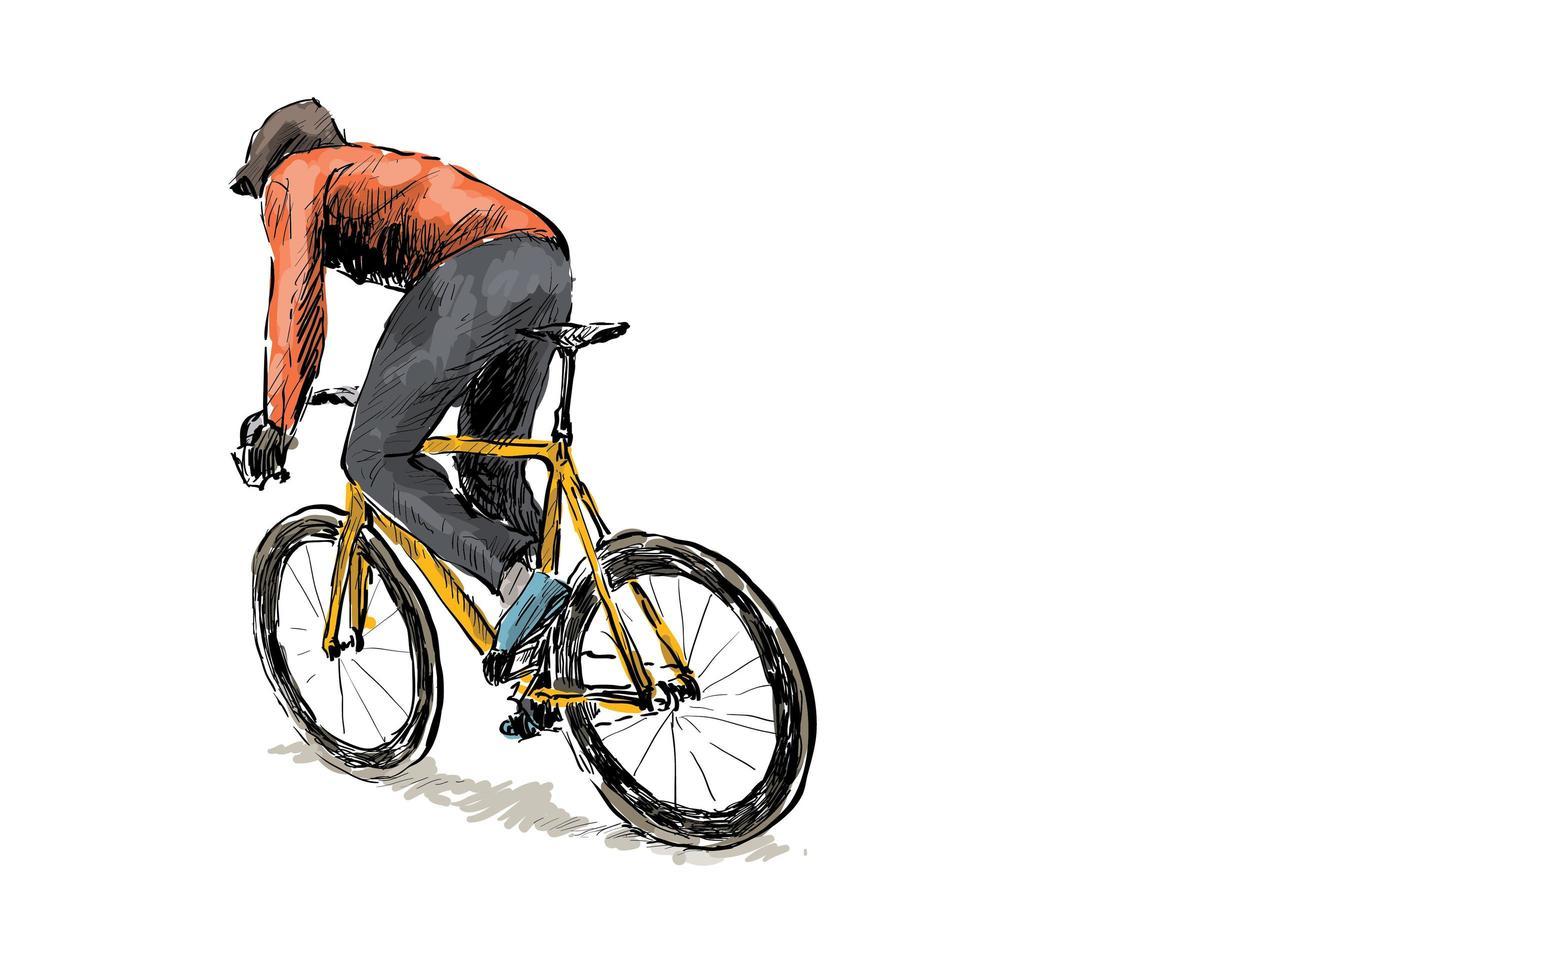 Skizze eines Radfahrers, der ein Fahrrad mit festem Gang fährt vektor